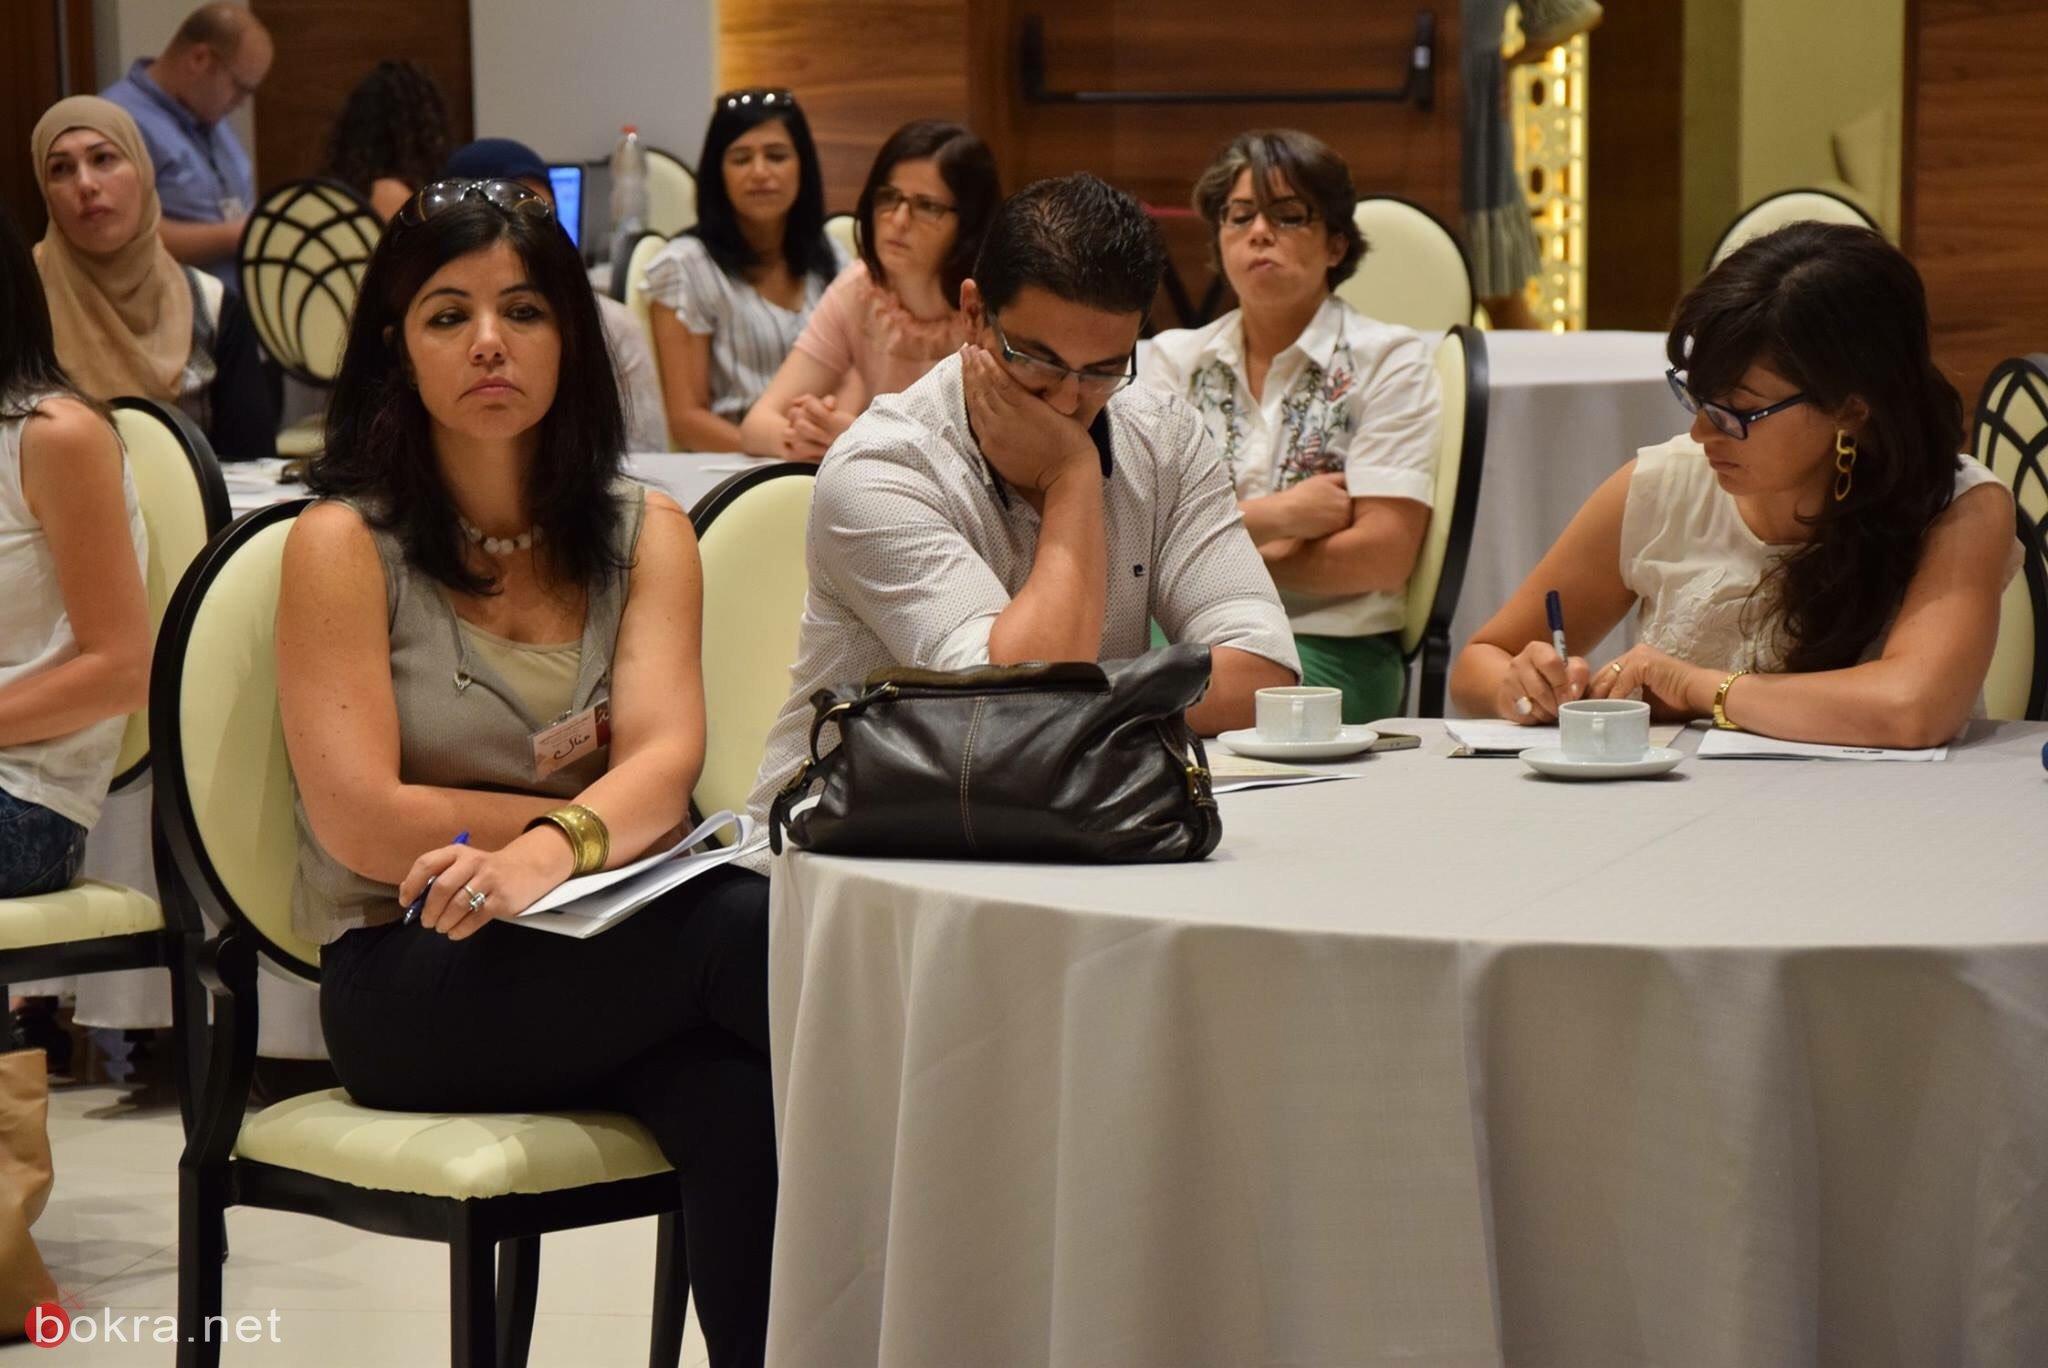 انطلاق فعاليات مؤتمر مدى الكرمل في الناصرة لطلاب اللقب الثالث